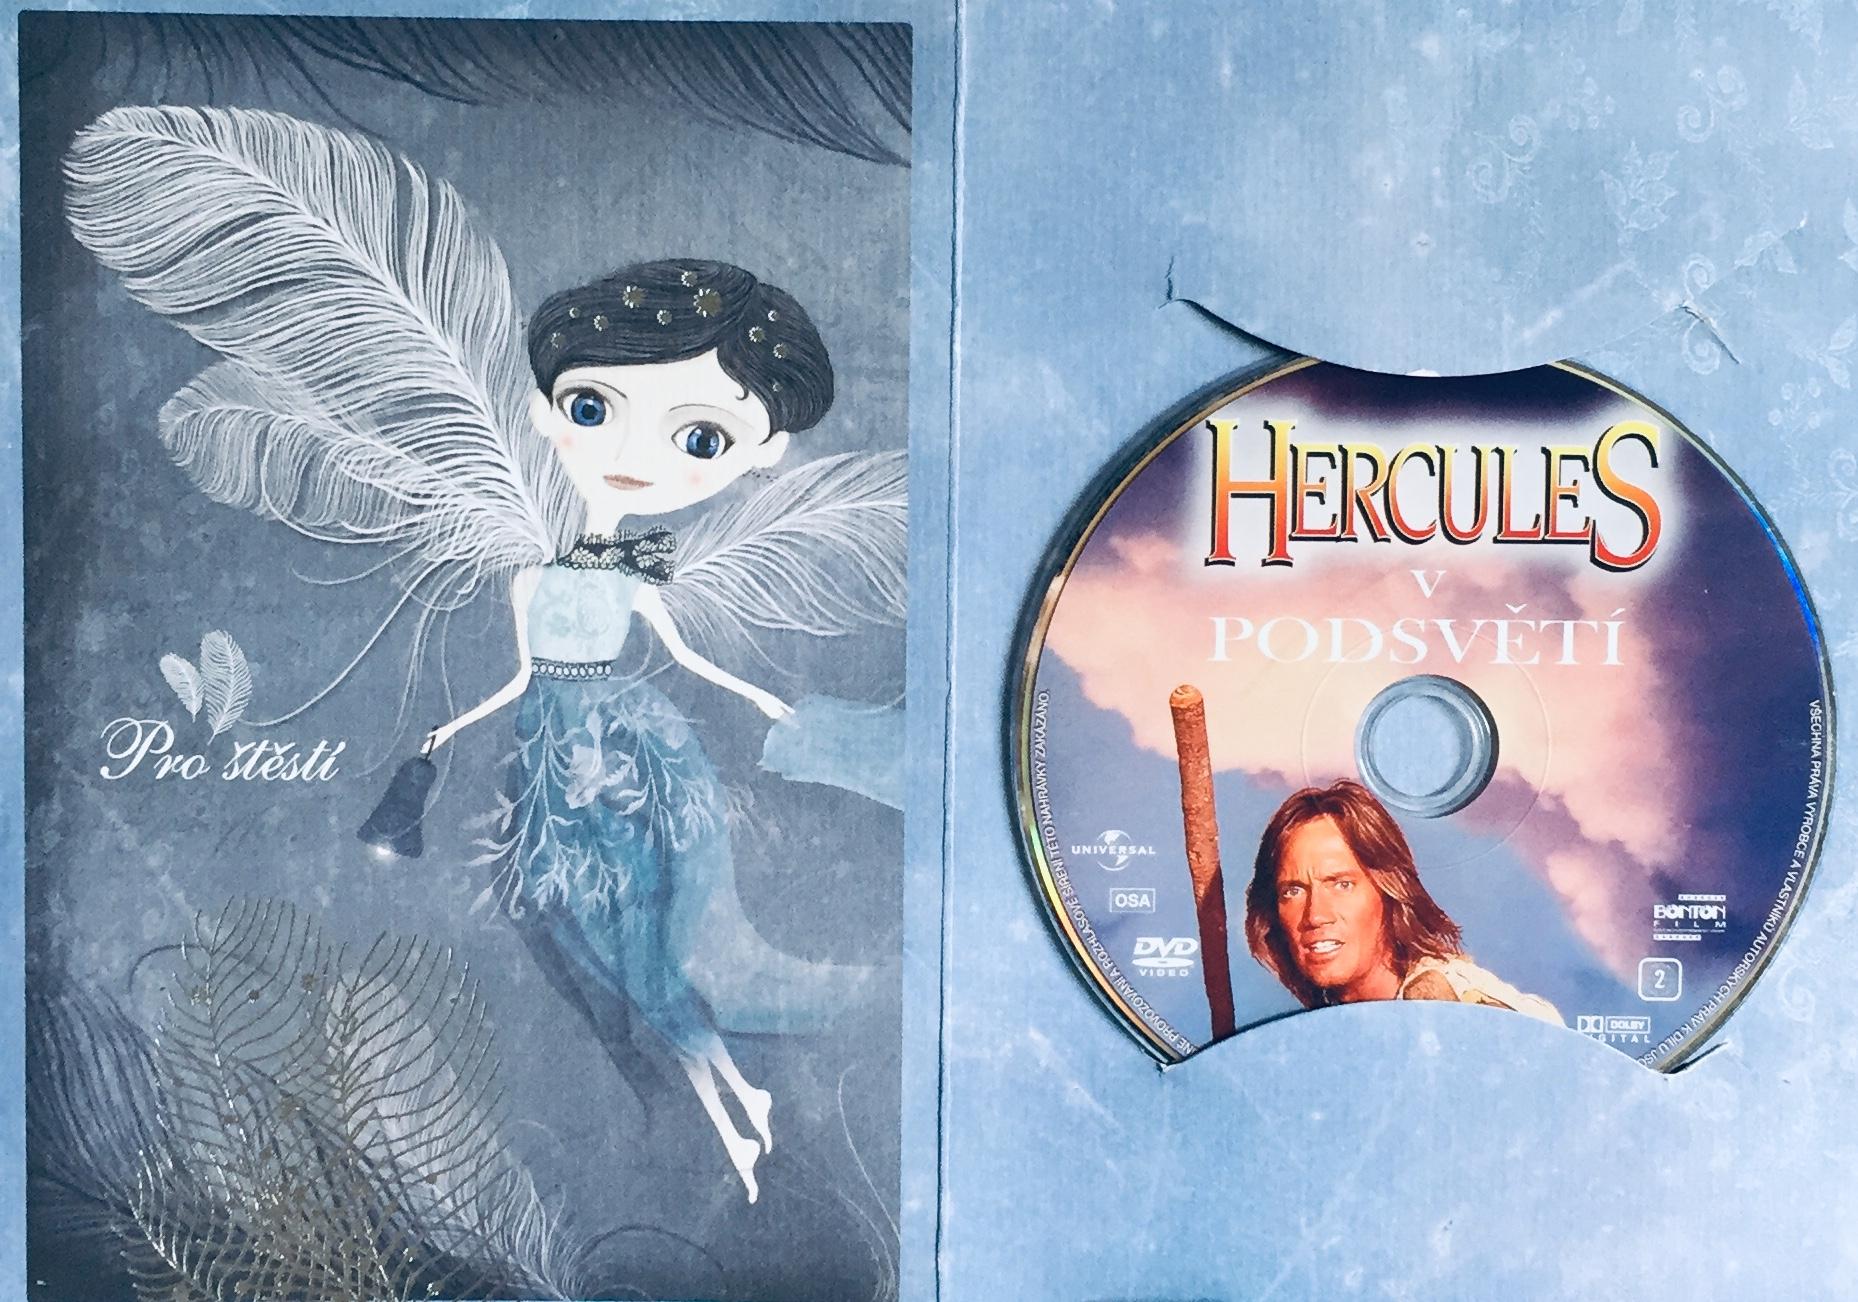 Hercules v podsvětí - DVD /dárkový obal/